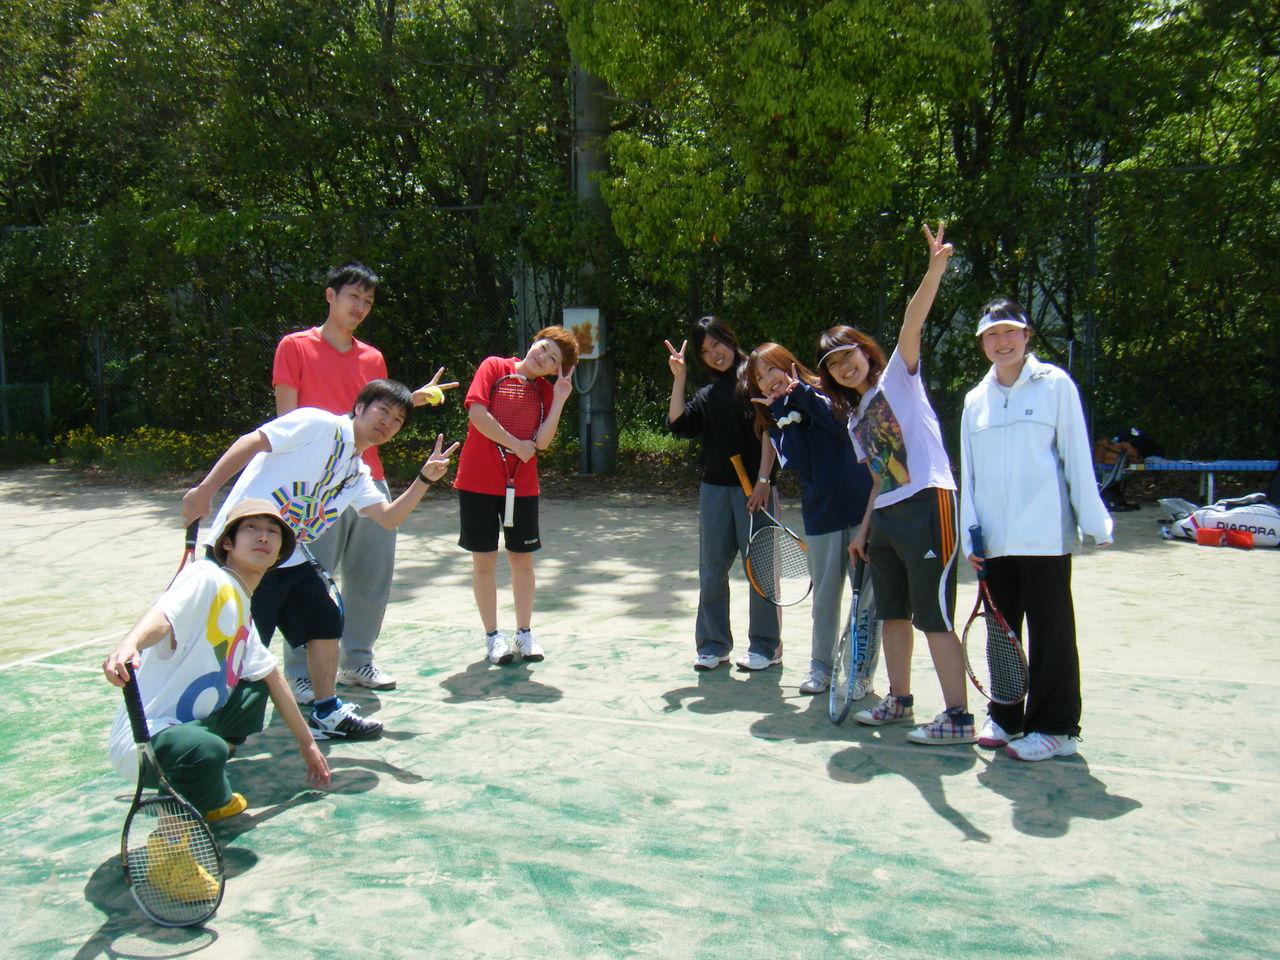 午前中は、2チームに分かれて練習(\u003d゚ω゚)人(゚ω゚\u003d)ぃょぅ!